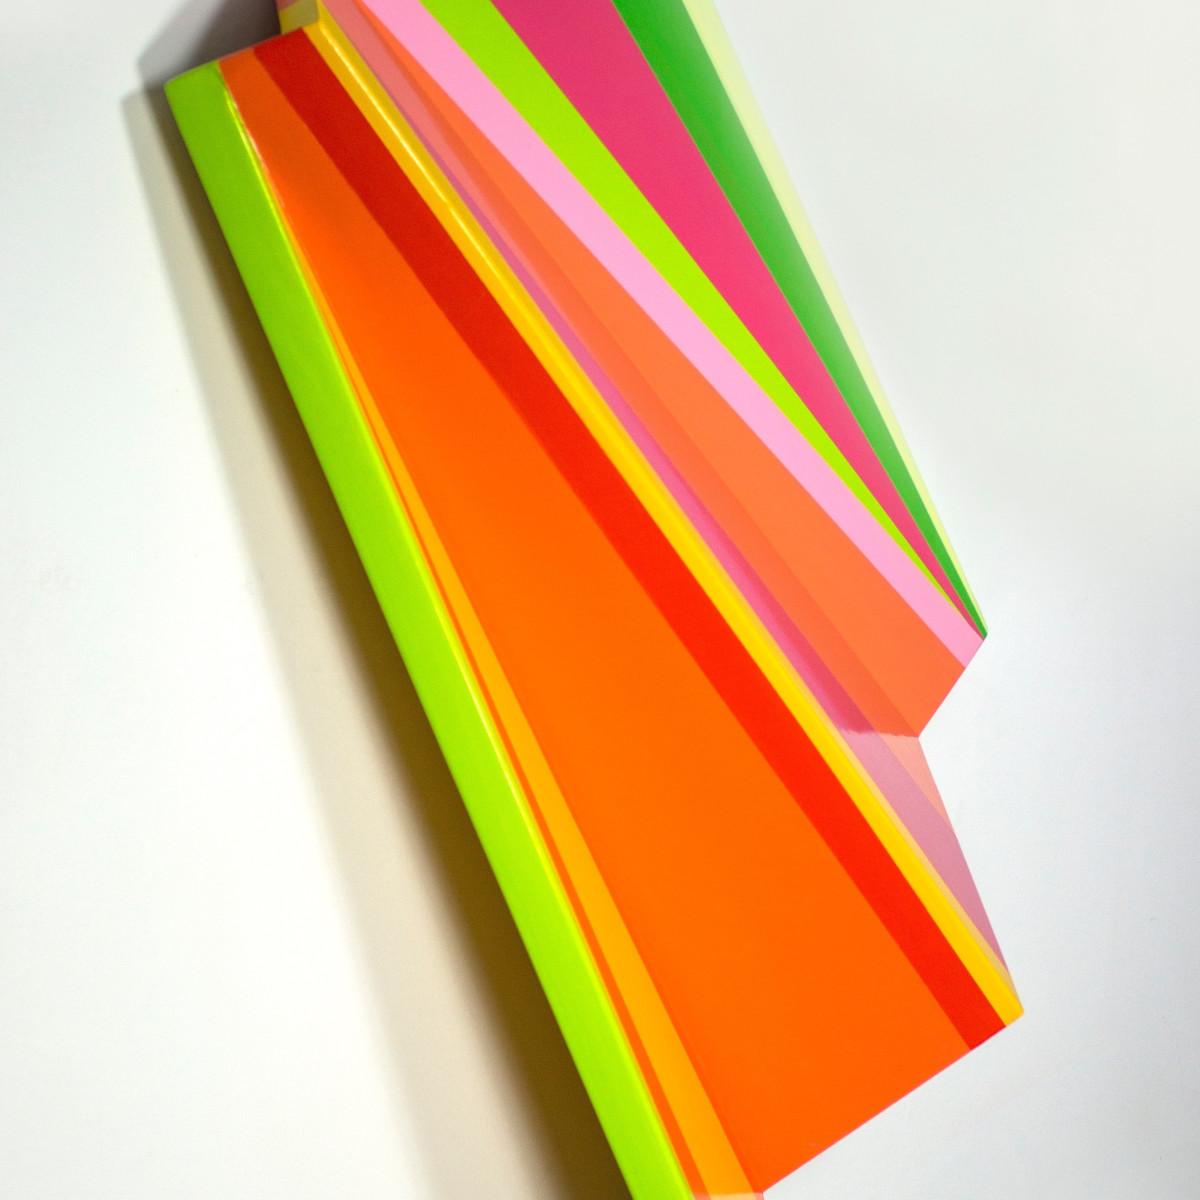 Rachel Hellman, Galleri Urbane